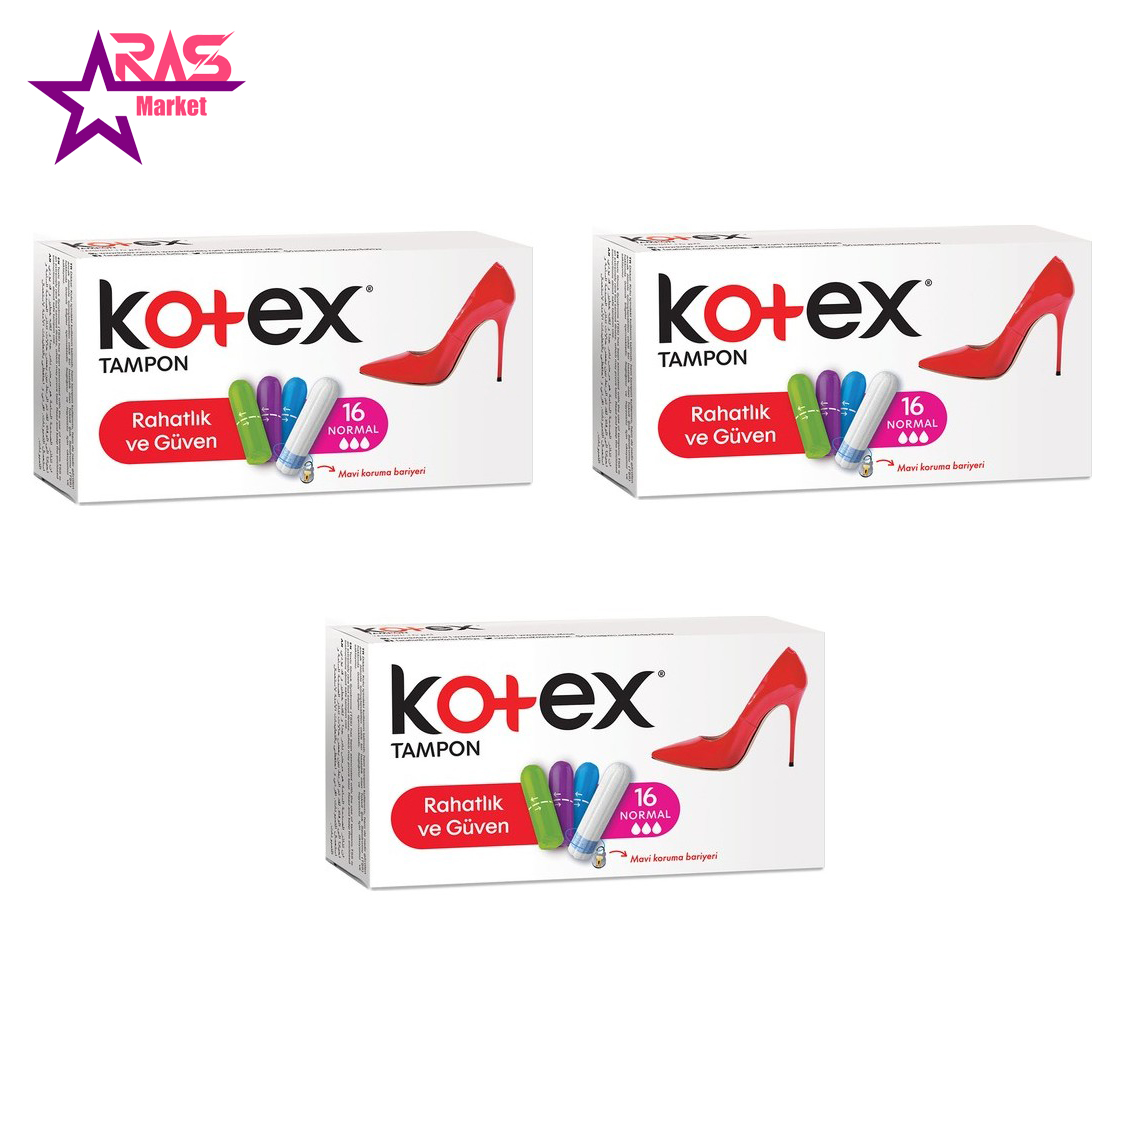 تامپون کوتکس اندازه نرمال بسته 16 عددی ، فروشگاه اینترنتی ارس مارکت ، بهداشت بانوان ، kotex tampon